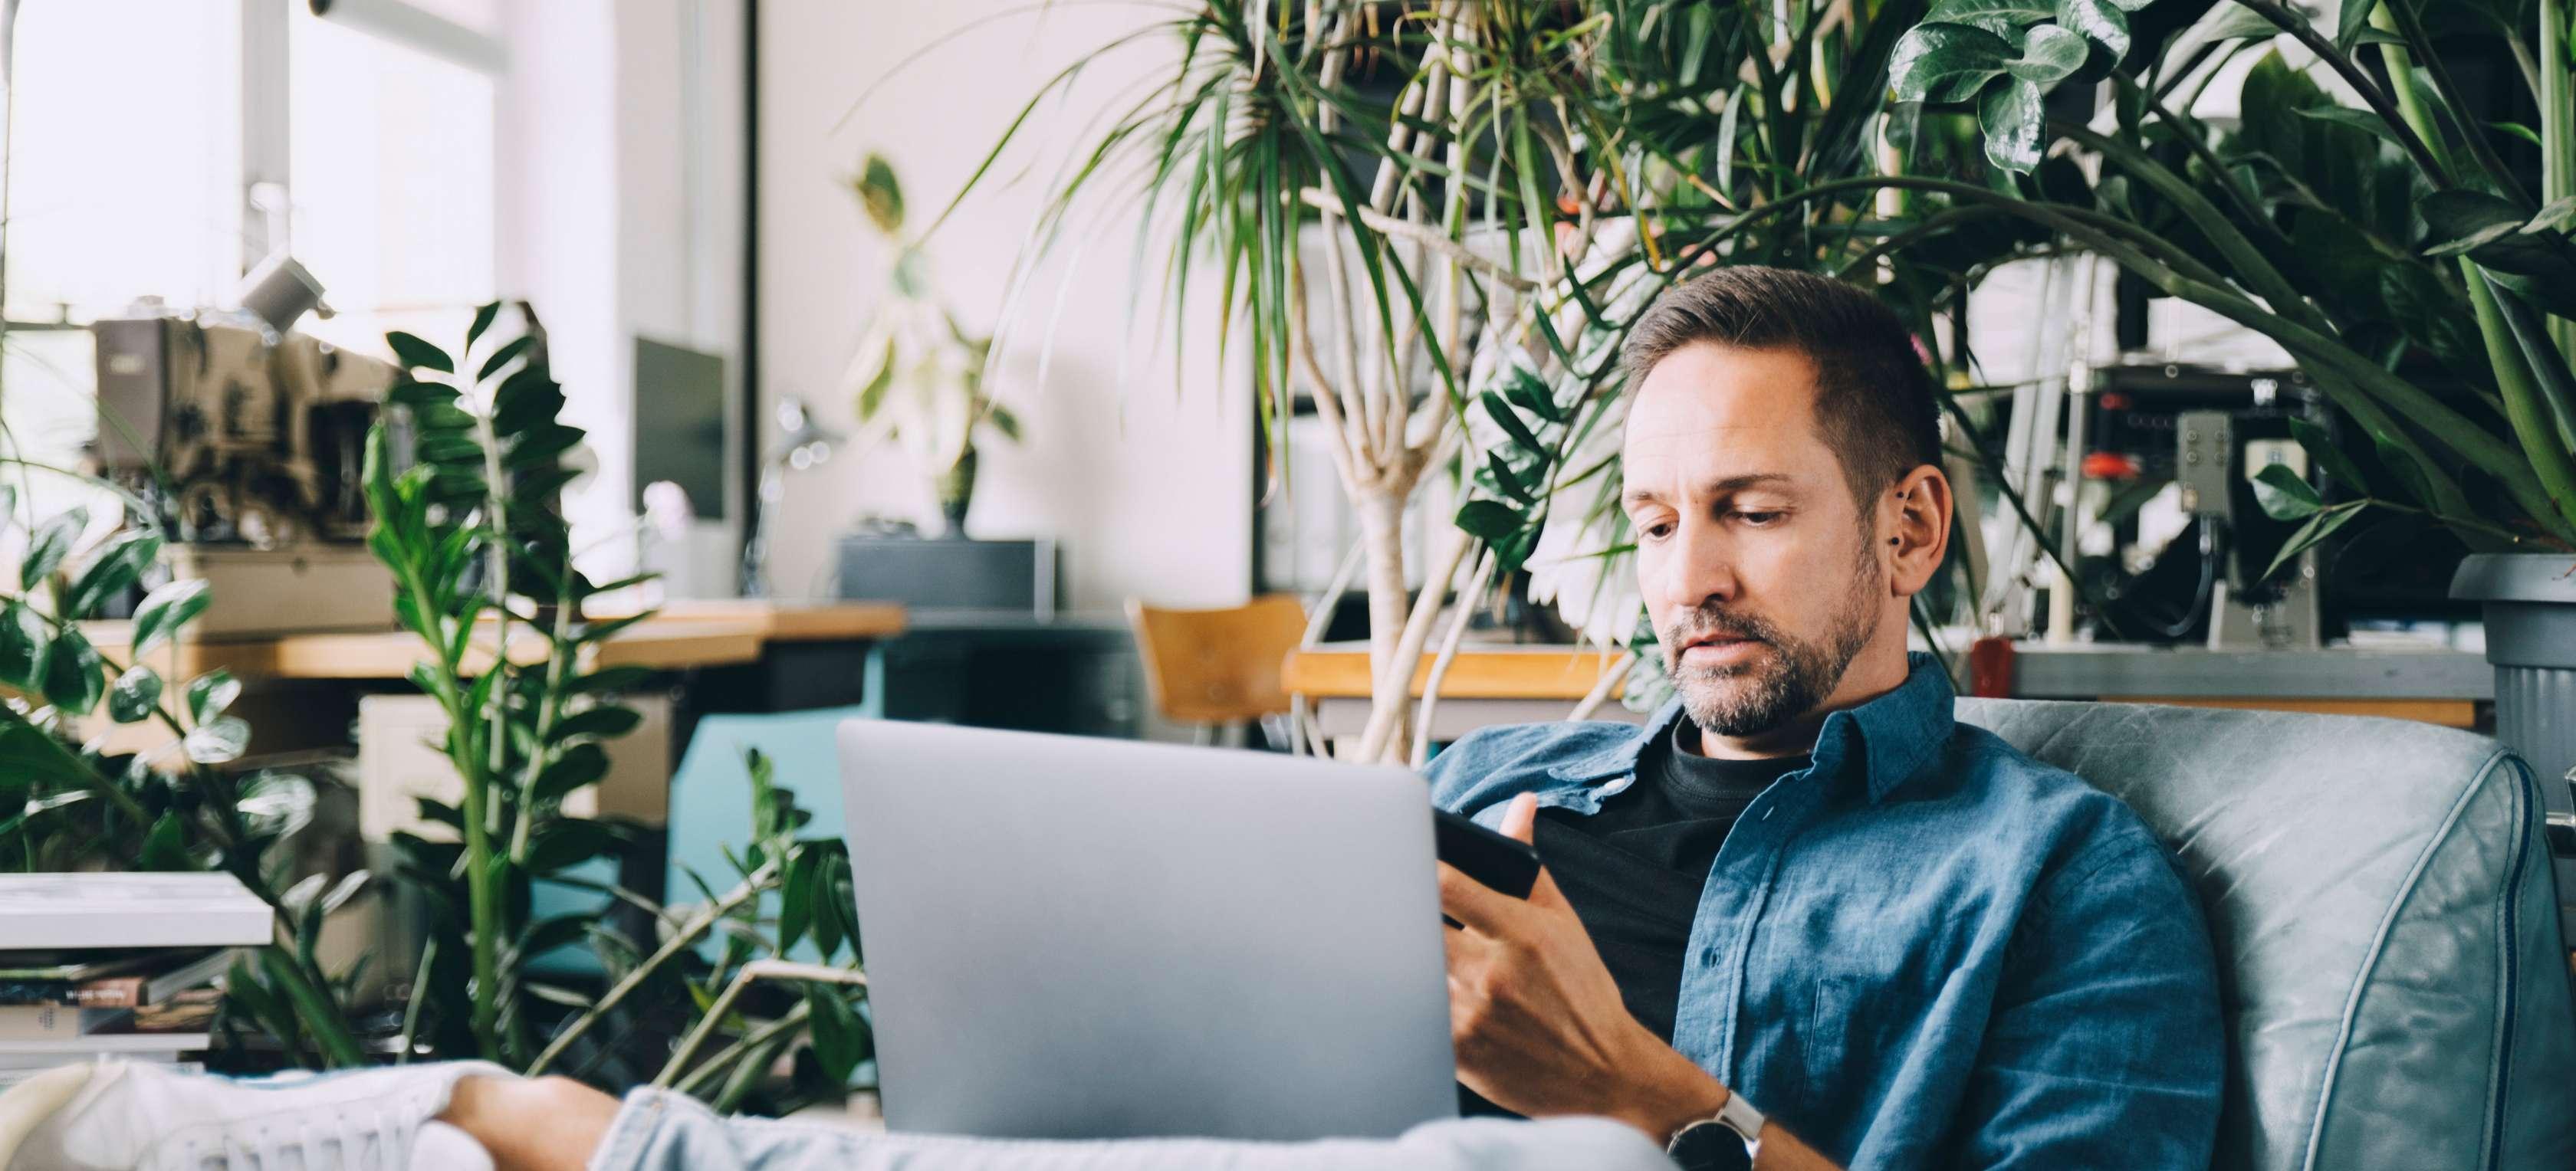 Mann schaut in einen Laptop und ein Smartphone, während er auf der Couch sitzt